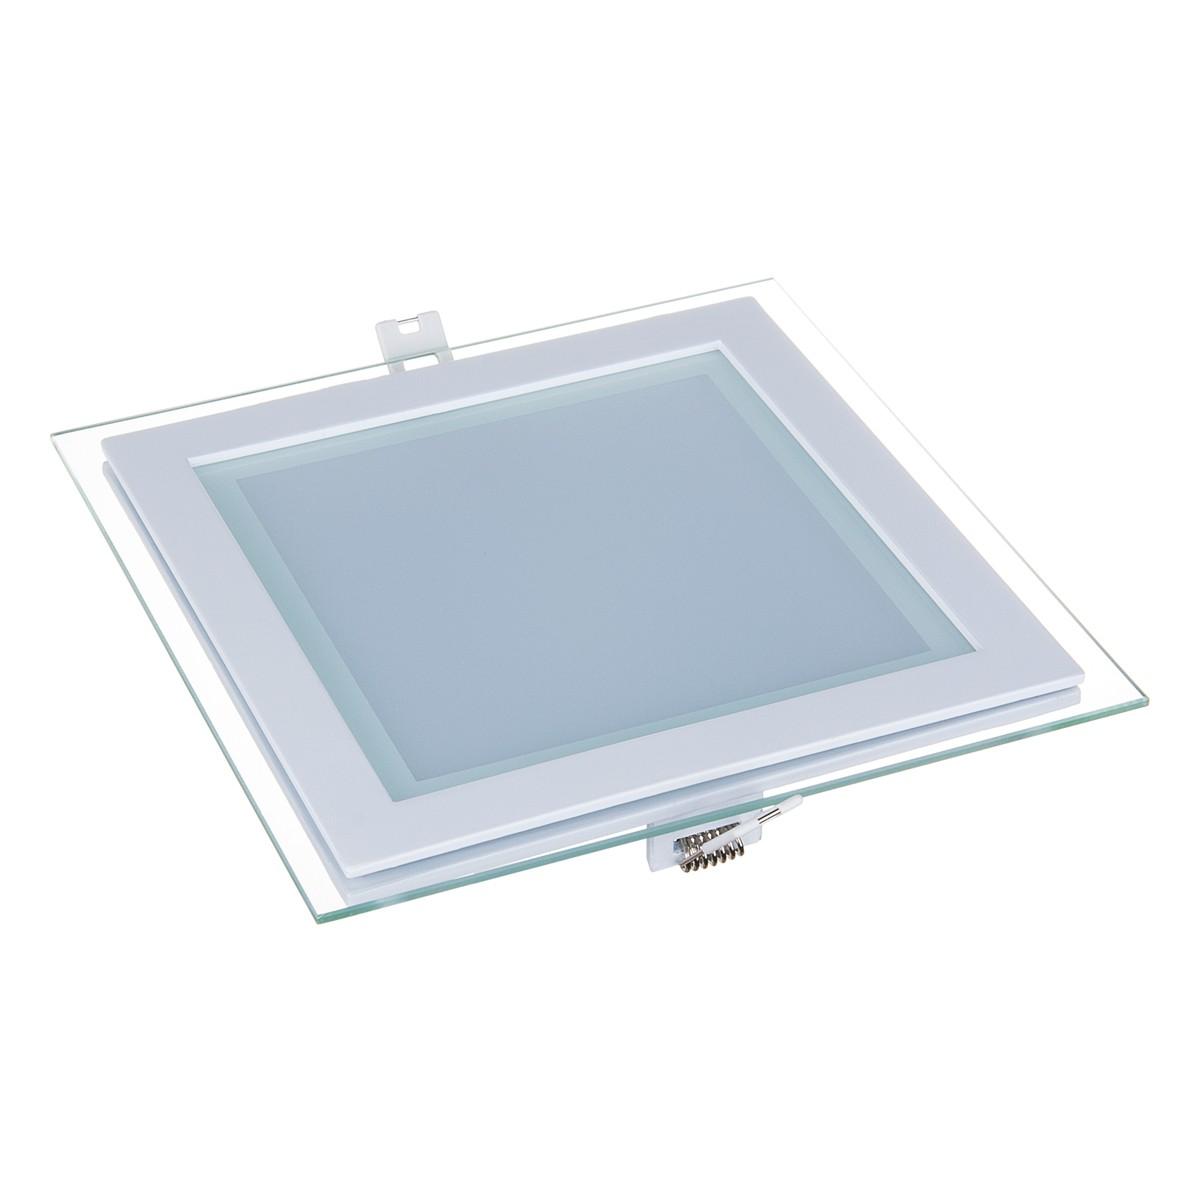 Дополнительное фото 1 товара Встраиваемый светильник Elektrostandard Downlight a031837